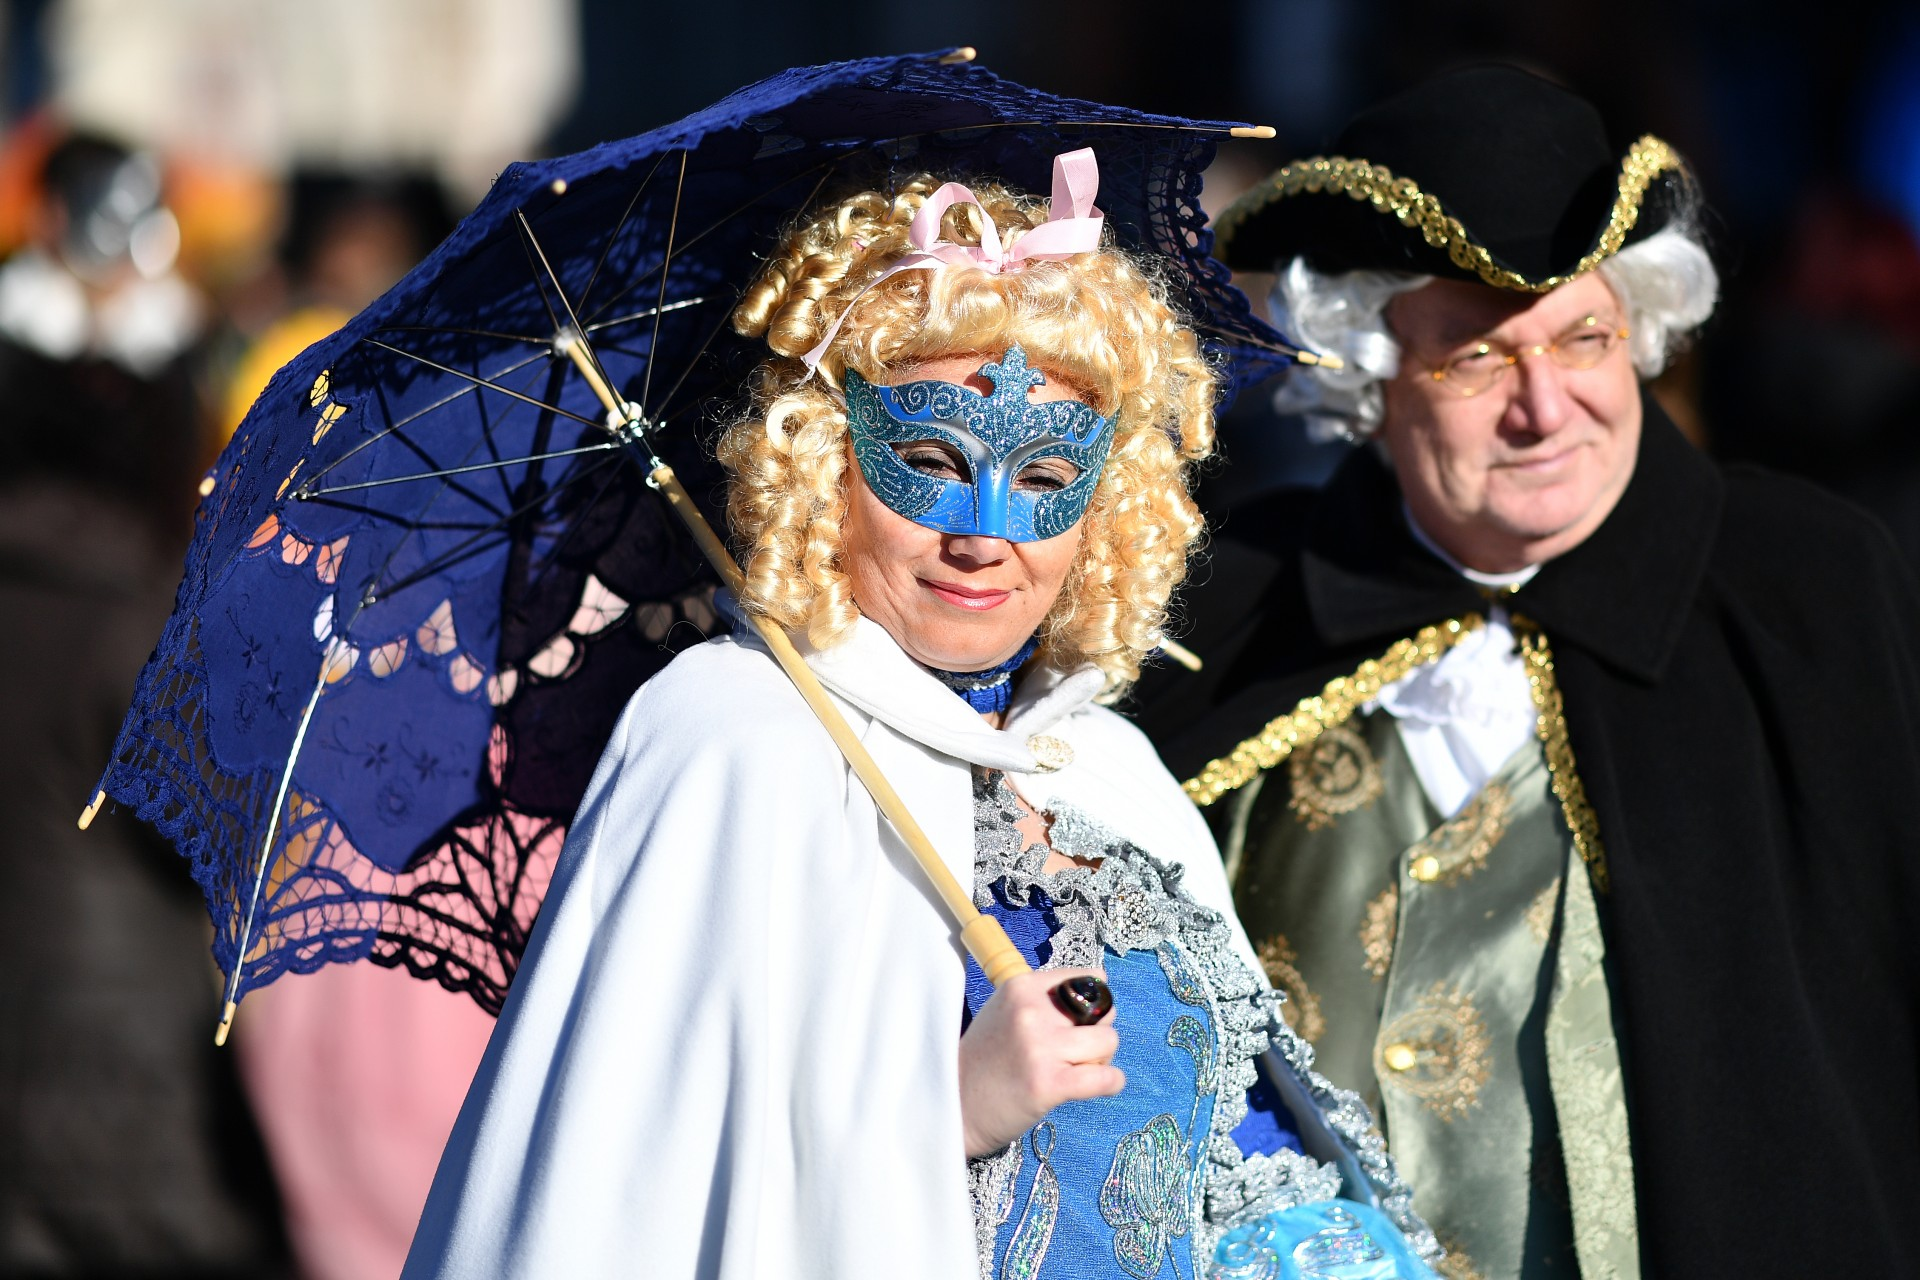 Una pareja con trajes de época participan en el Carnaval de Venecia el 23 de febrero de 2019 en Venecia.